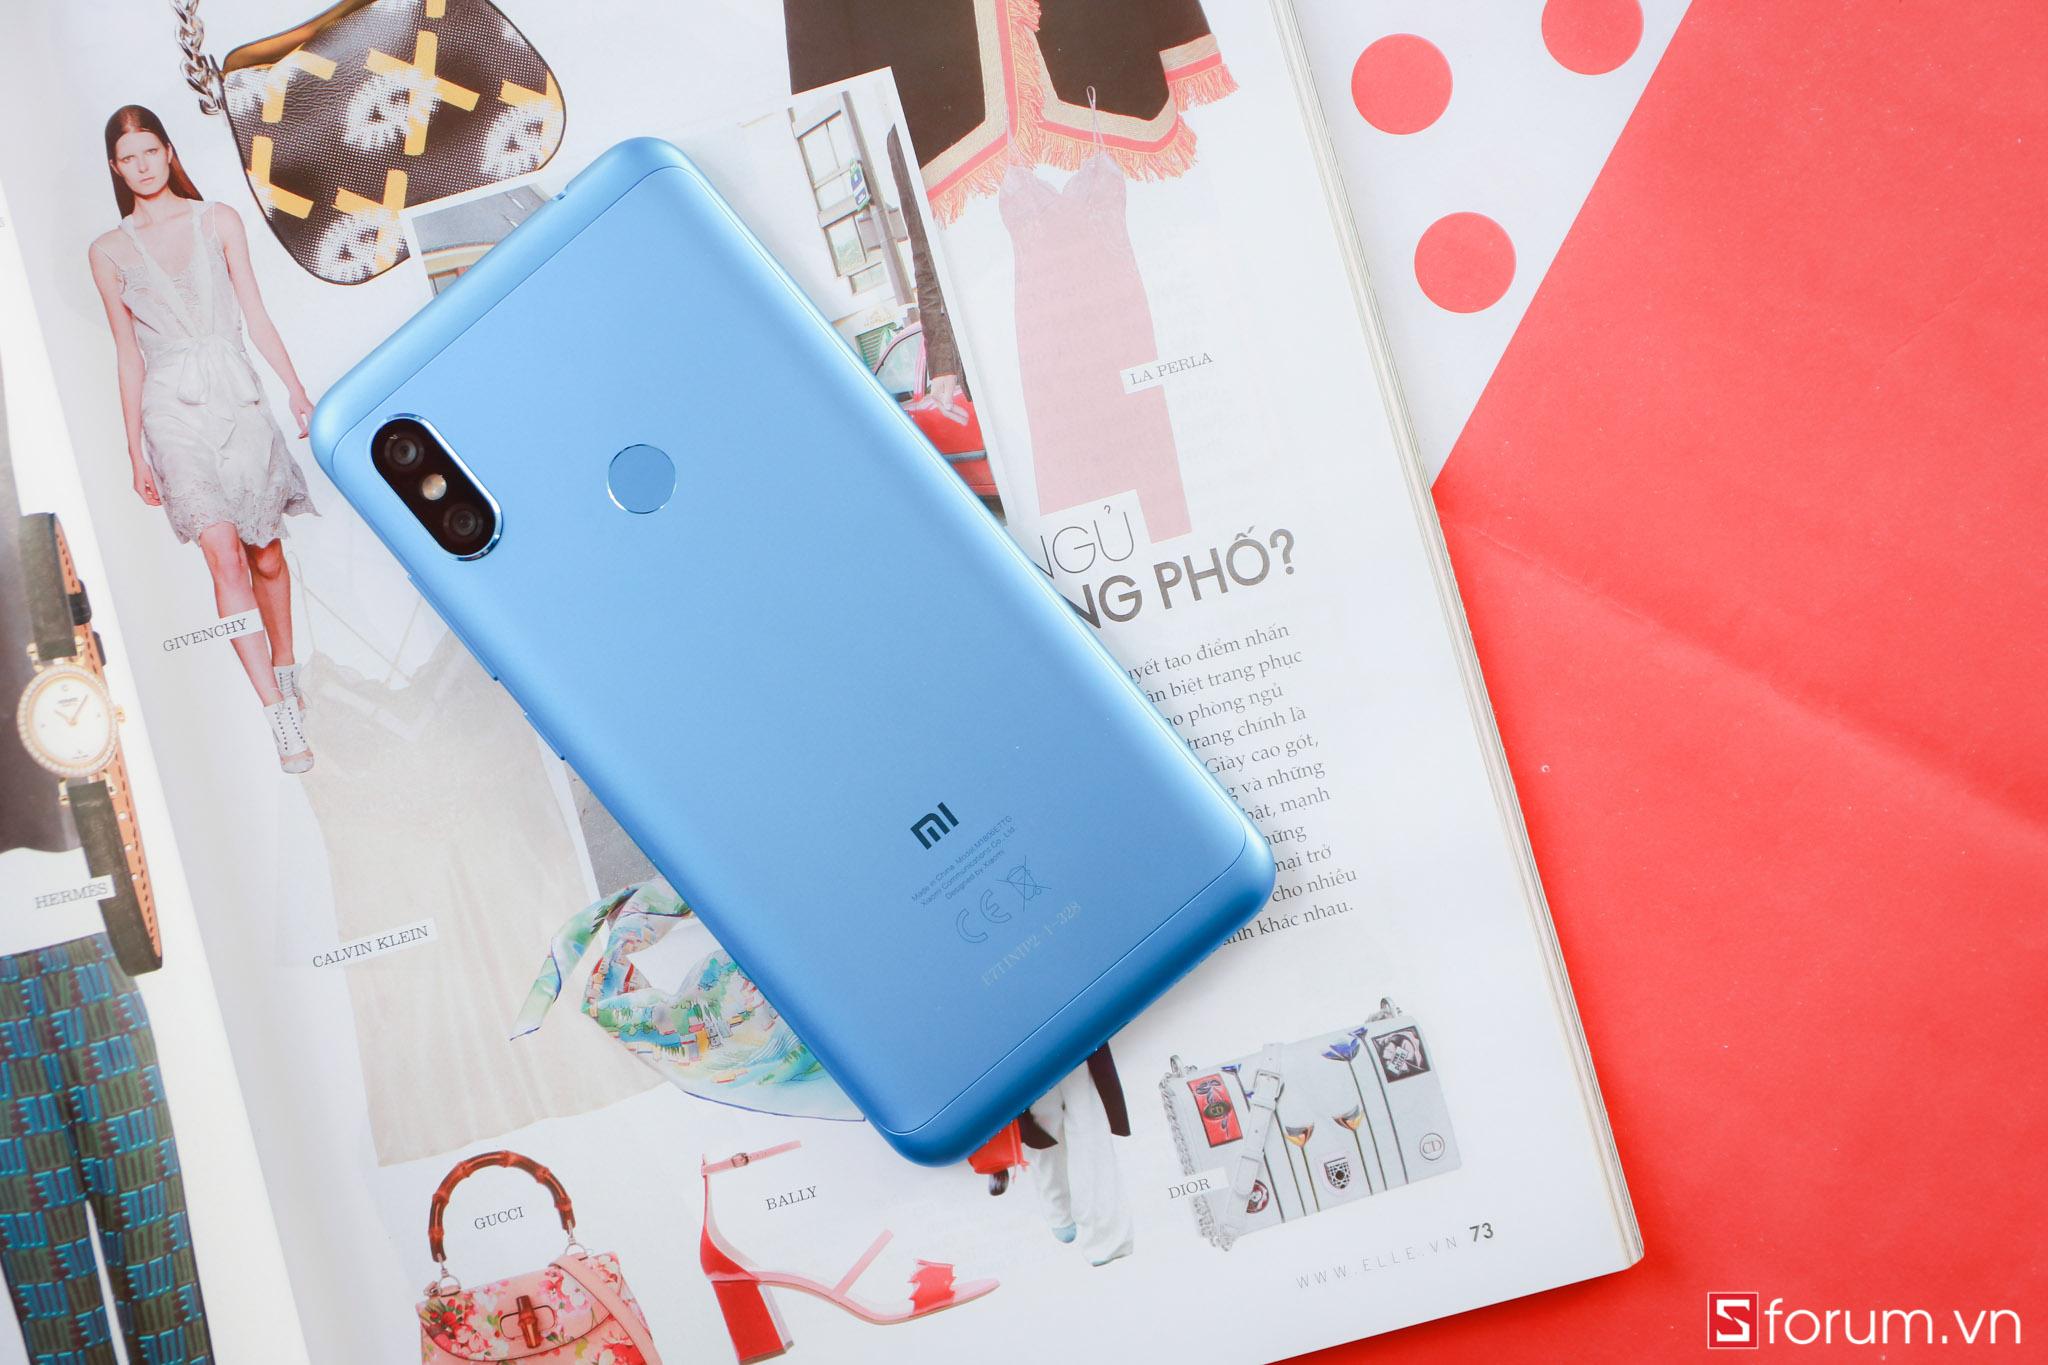 Sforum - Trang thông tin công nghệ mới nhất IMG_0862 Top 4 smartphone tầm trung pin trâu đáng mua trong tháng 10